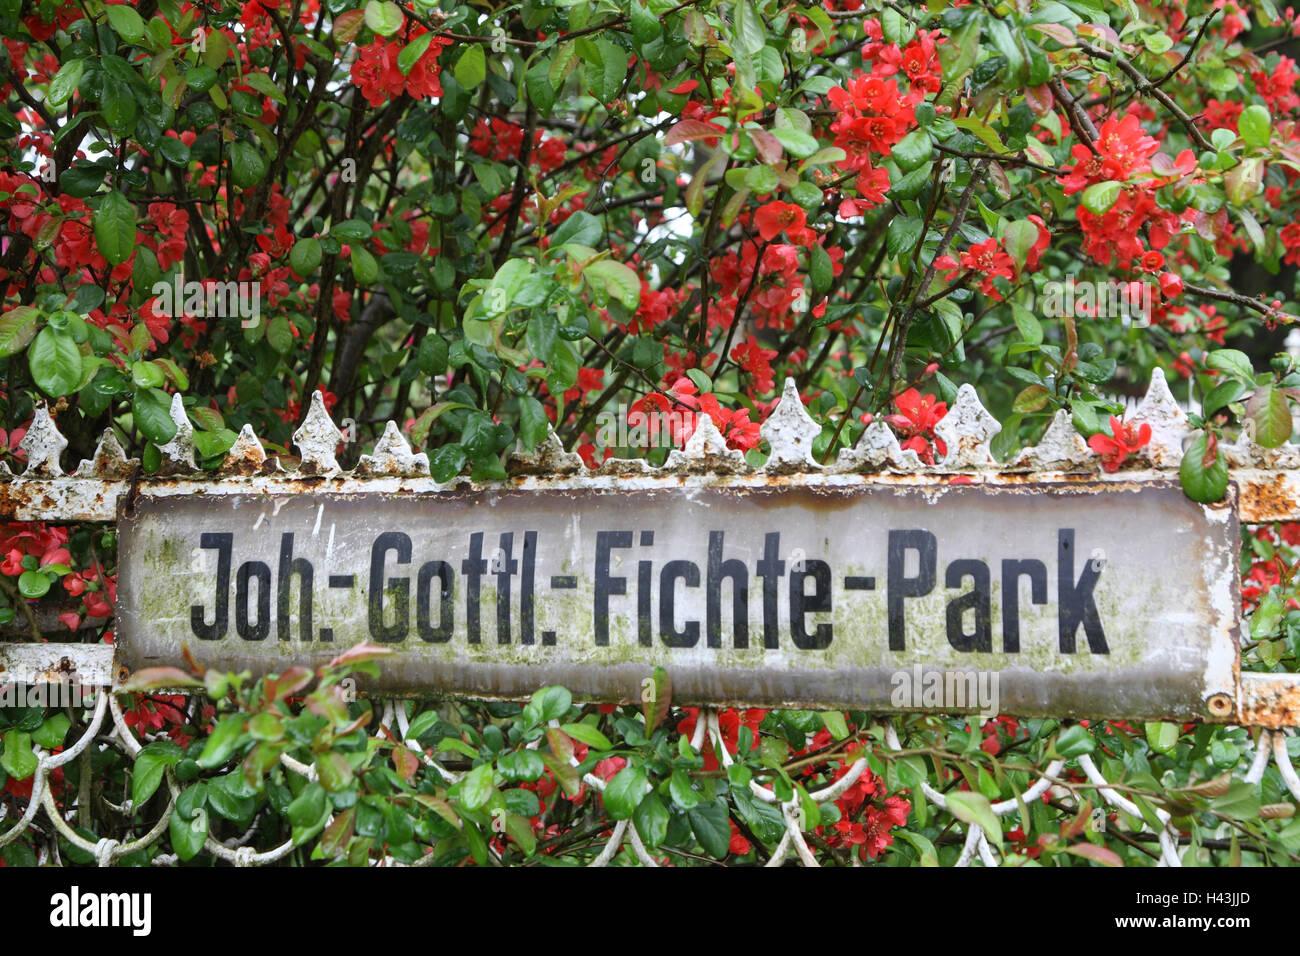 Germania, Svizzera Sassone, Rammenau, edificio del castello, parco, segno, Joh.-Gott.-Fichte-Park, Immagini Stock